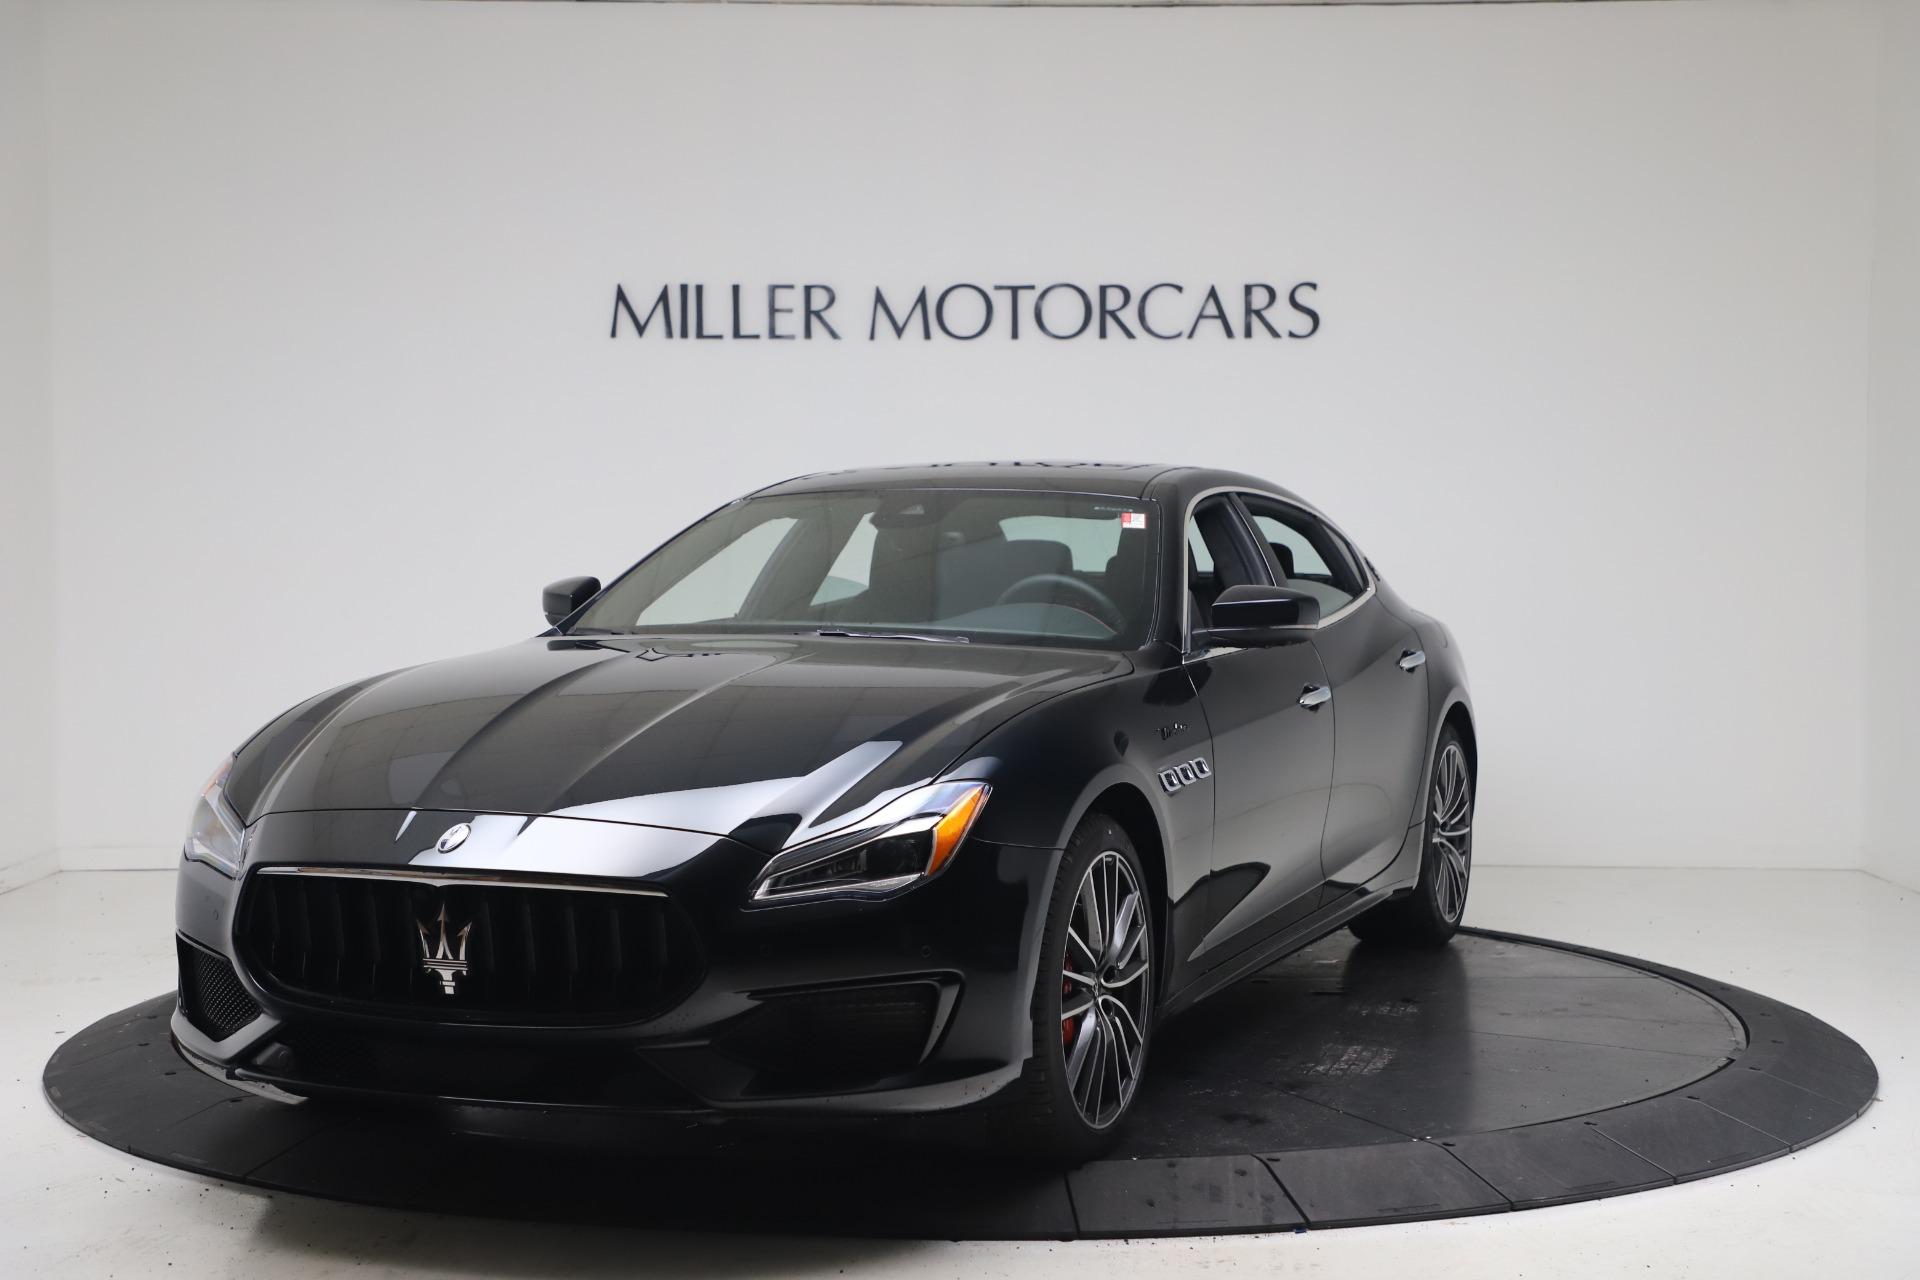 New 2022 Maserati Quattroporte Modena Q4 for sale $128,775 at Pagani of Greenwich in Greenwich CT 06830 1